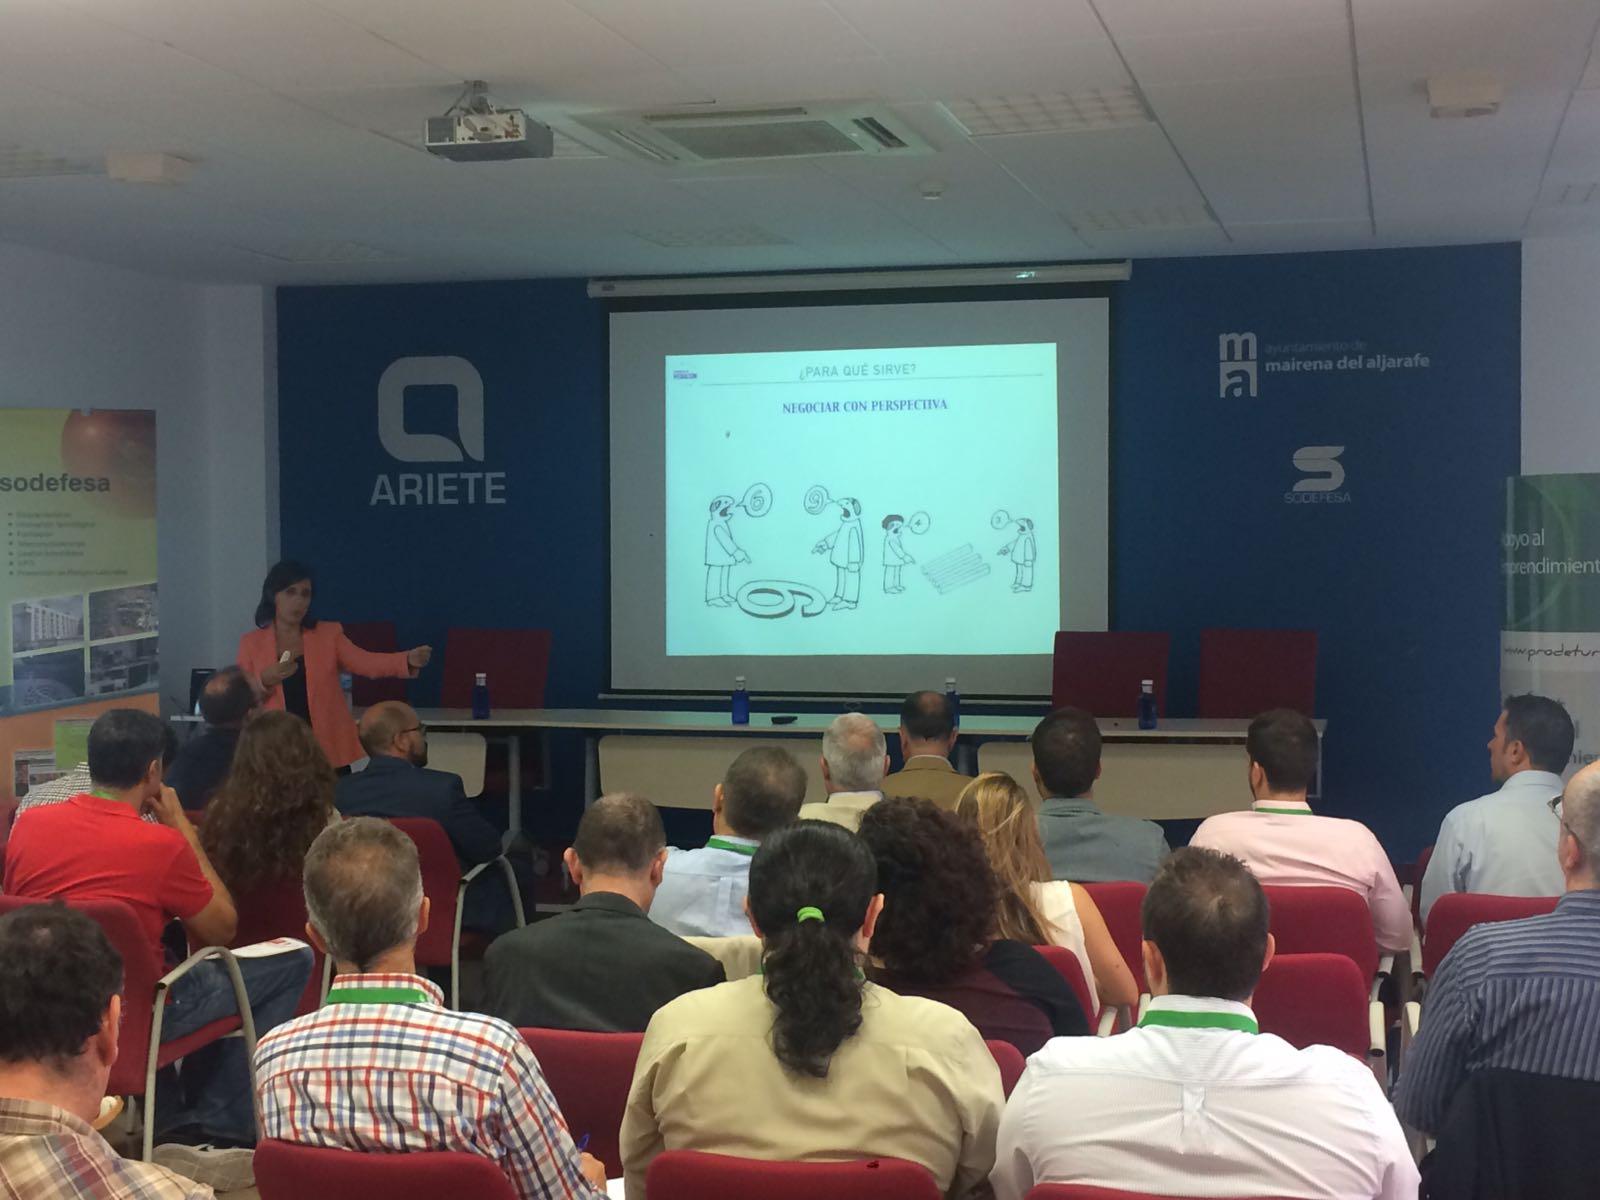 2017-09-28 Prodetur y AJE - Presentación Mediación